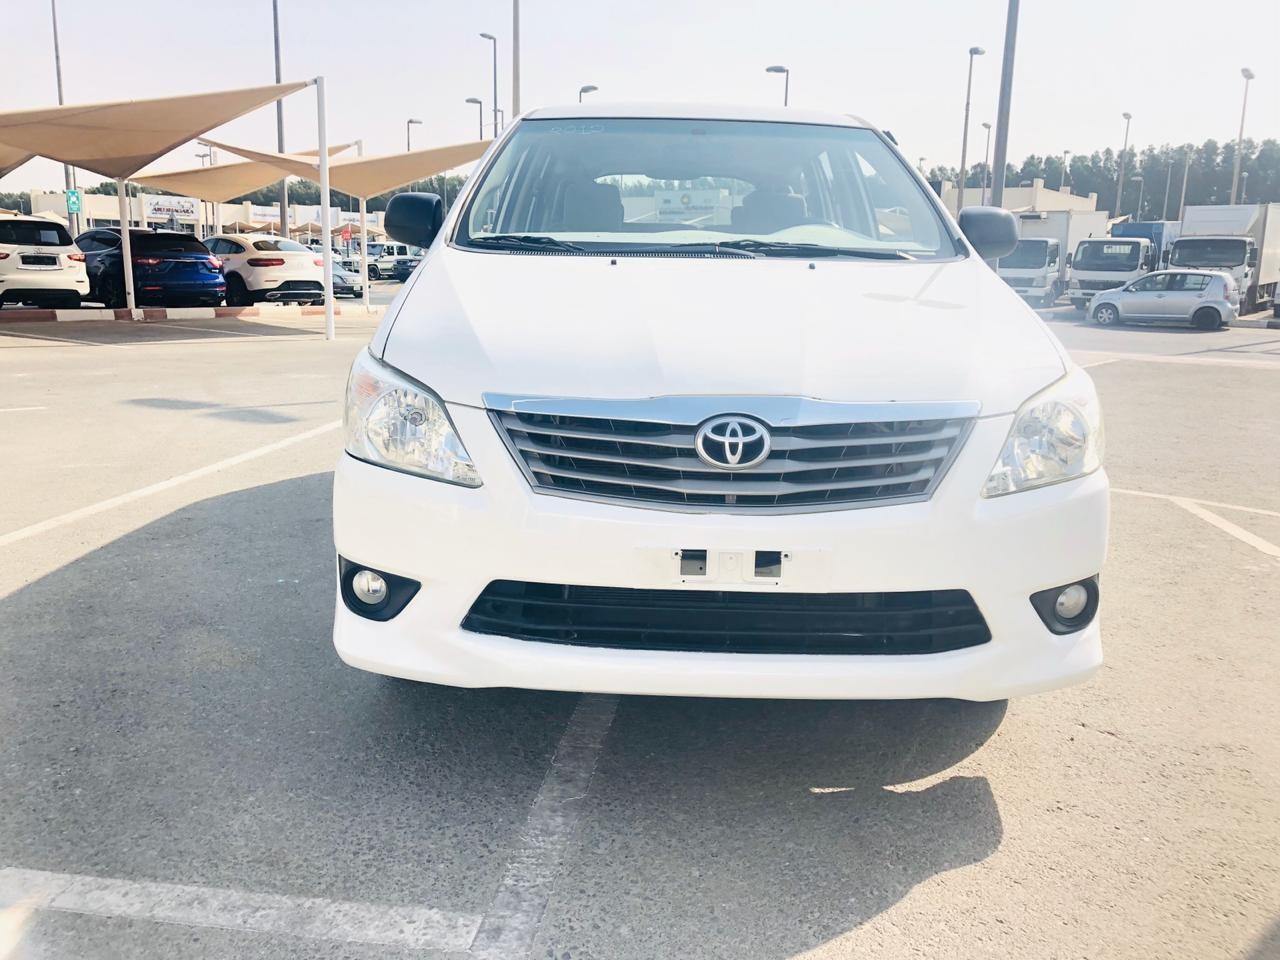 Kelebihan Toyota Innova 2012 Top Model Tahun Ini